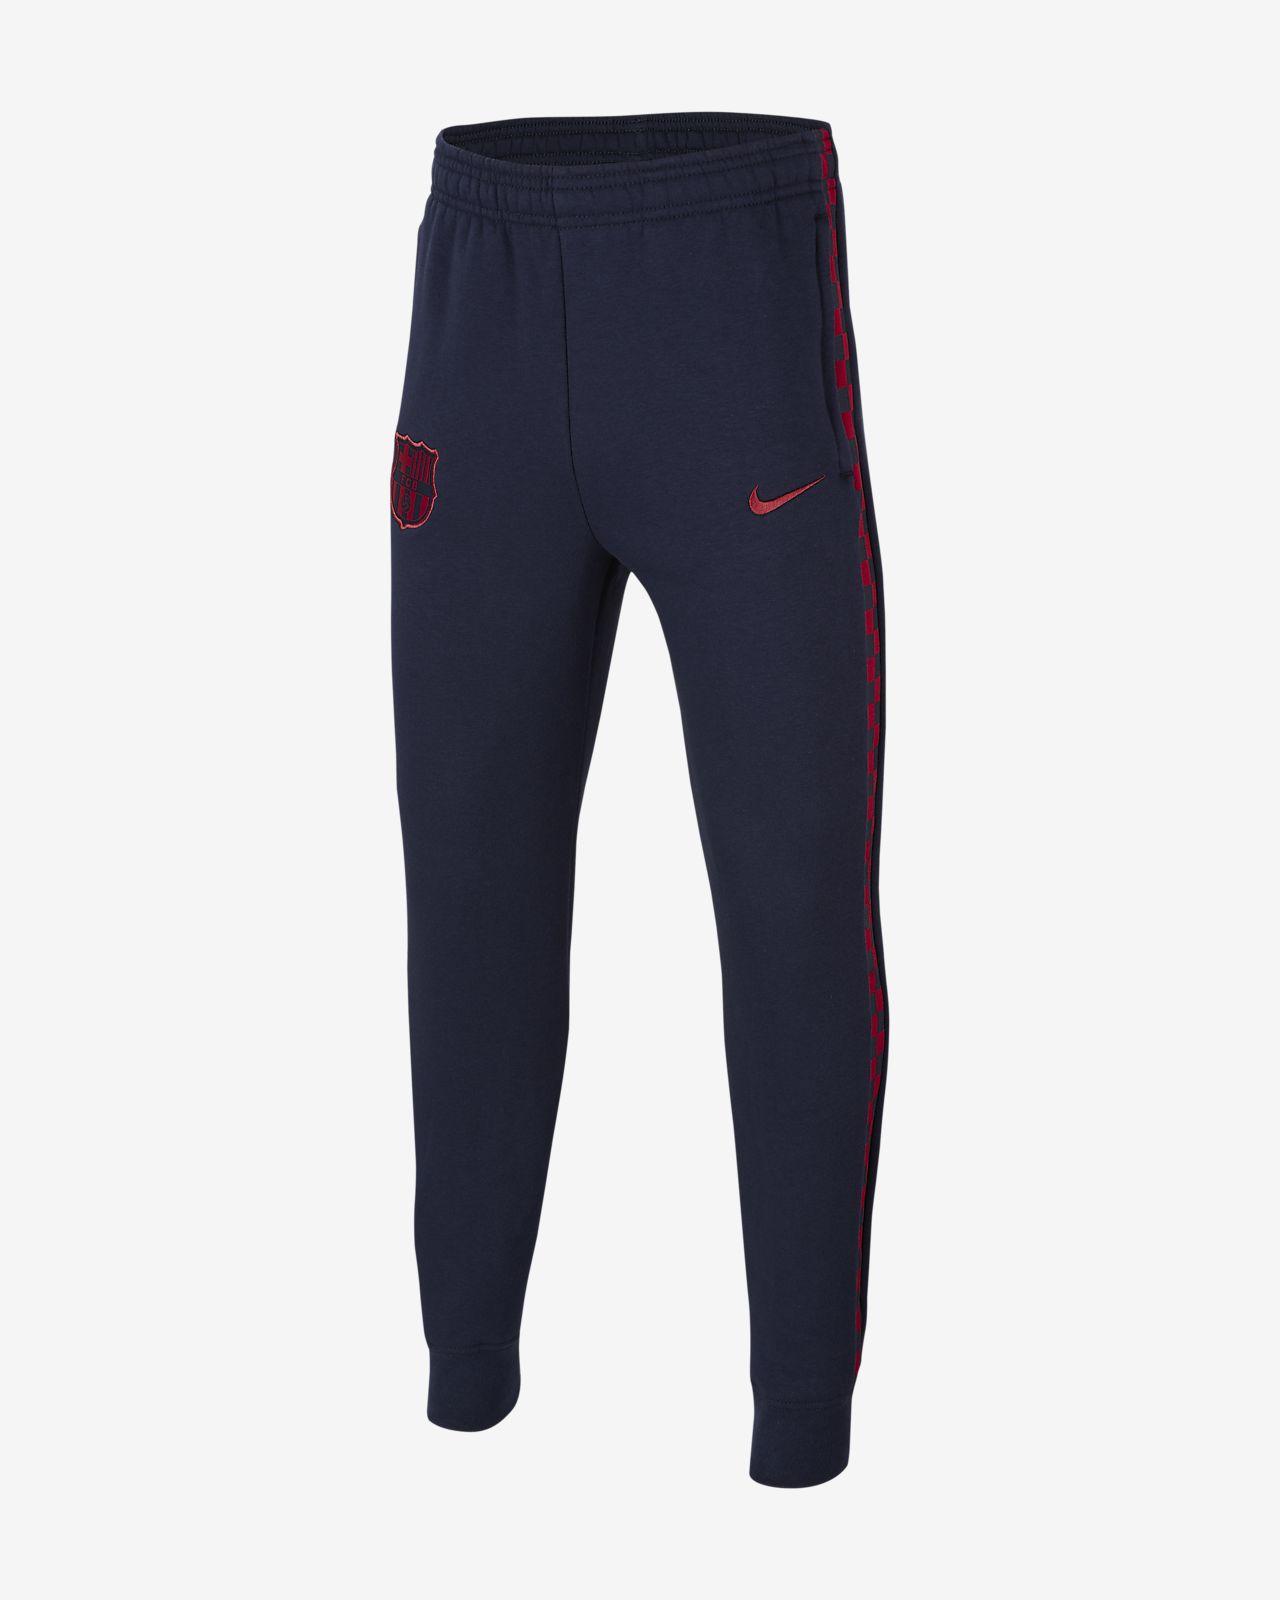 Flísové kalhoty FC Barcelona pro větší děti